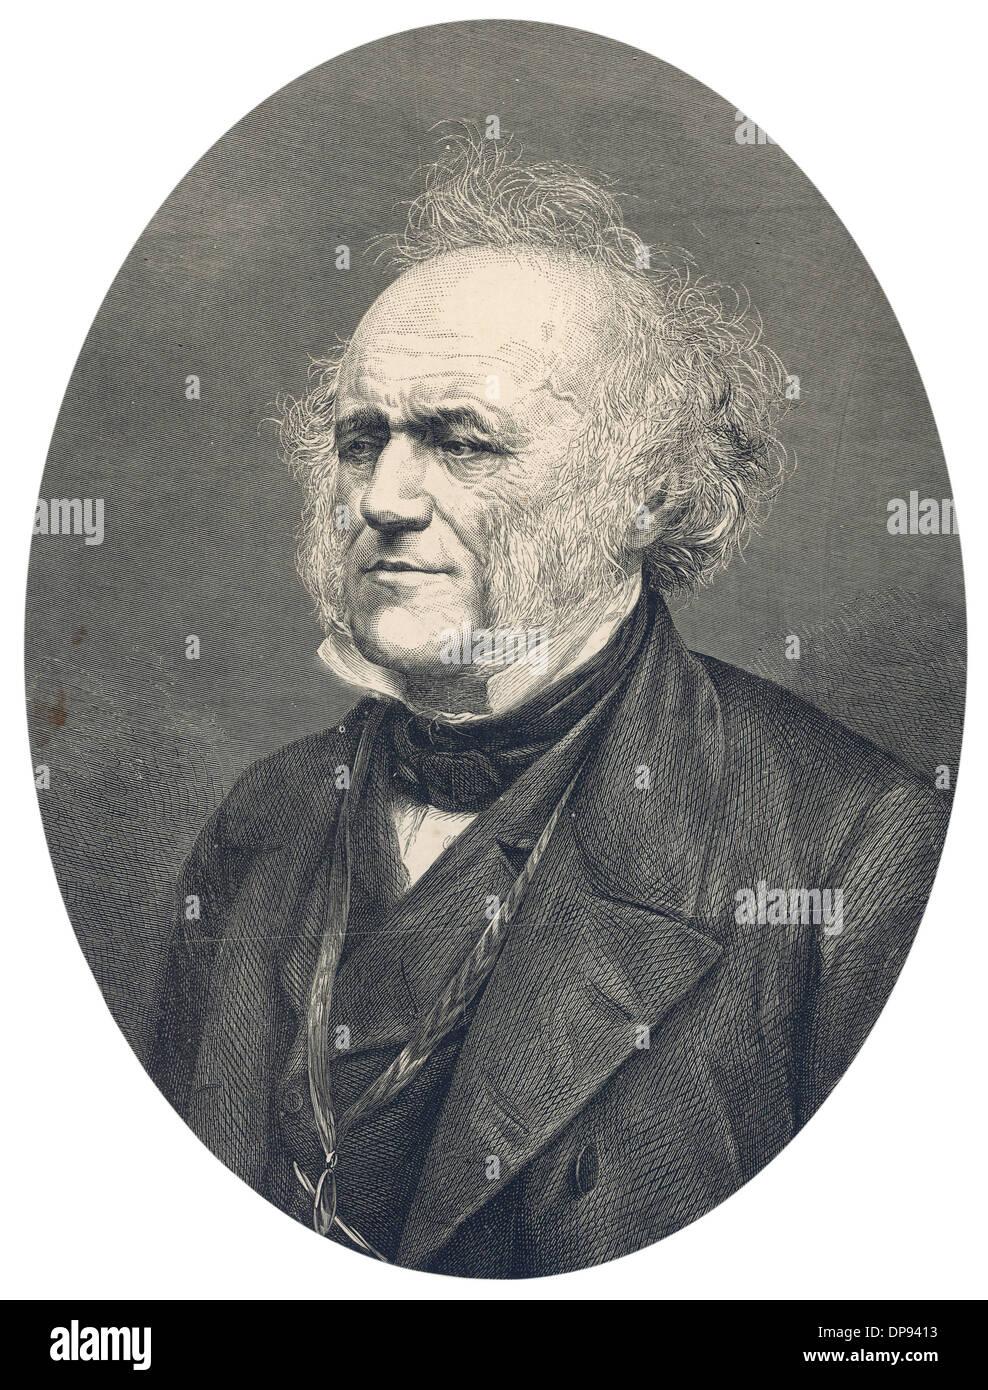 Sir Charles Lyell - Stock Image